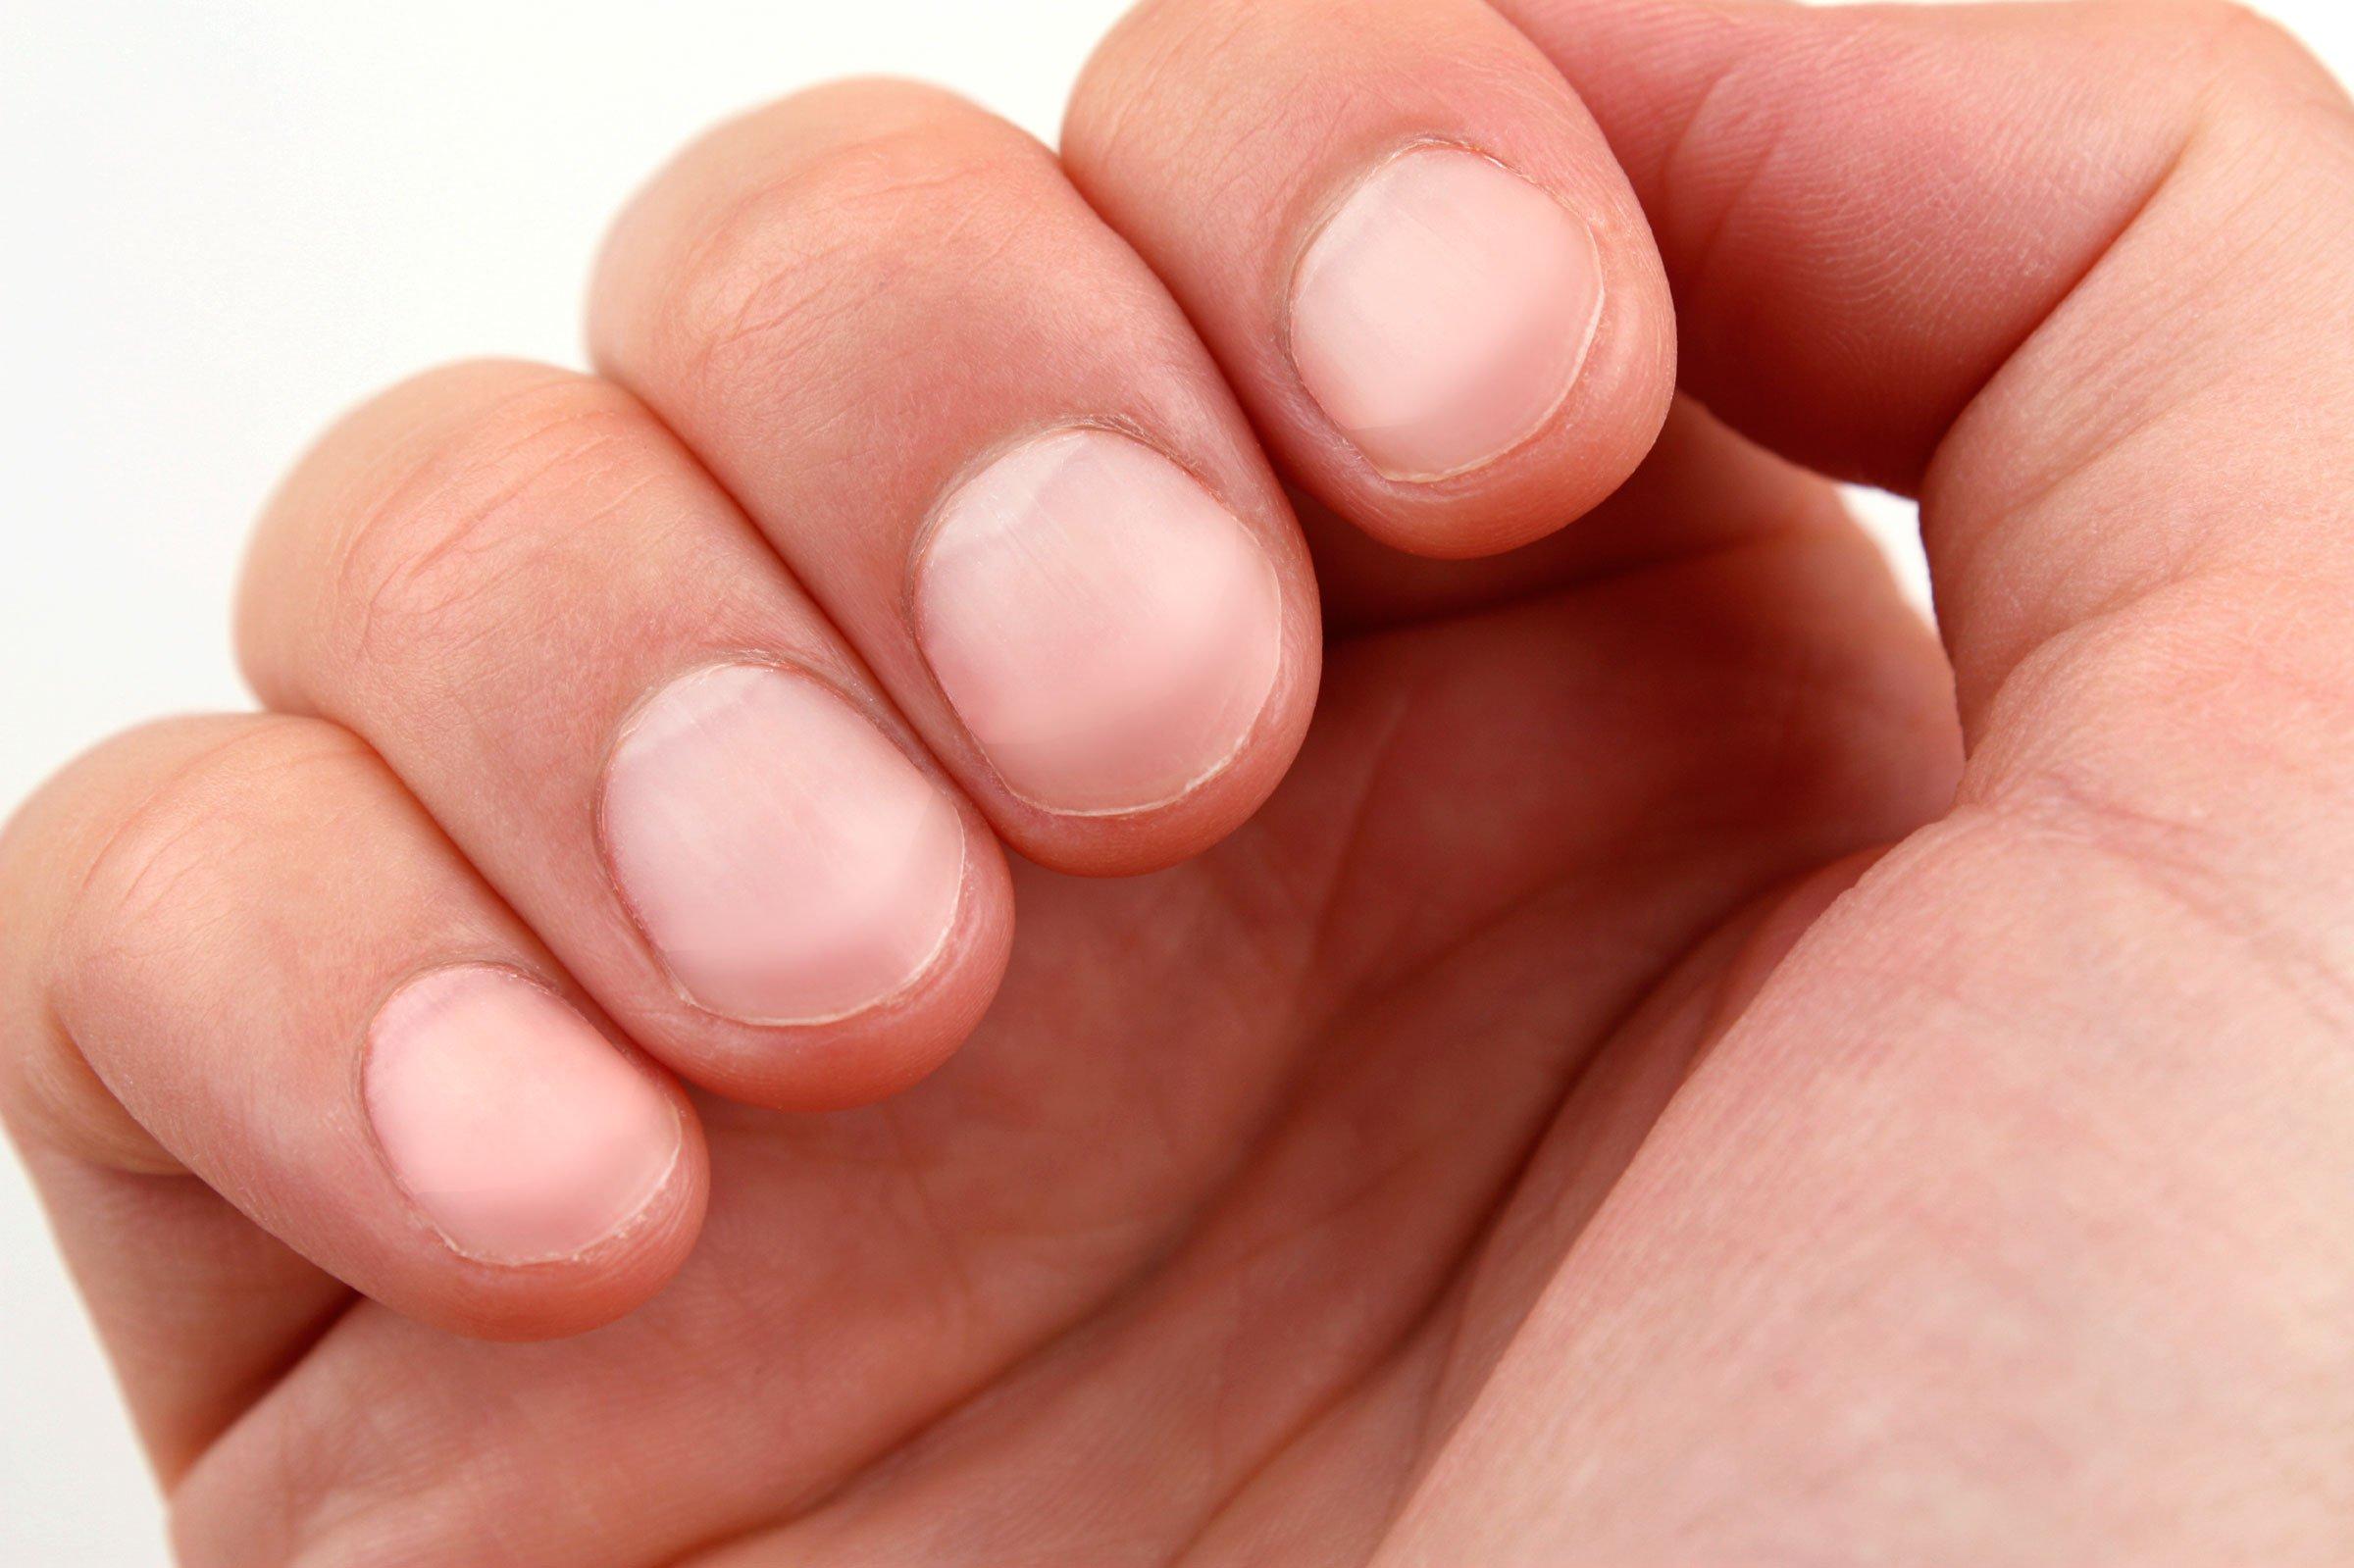 6 căn bệnh bàn tay của bạn có thể dự báo